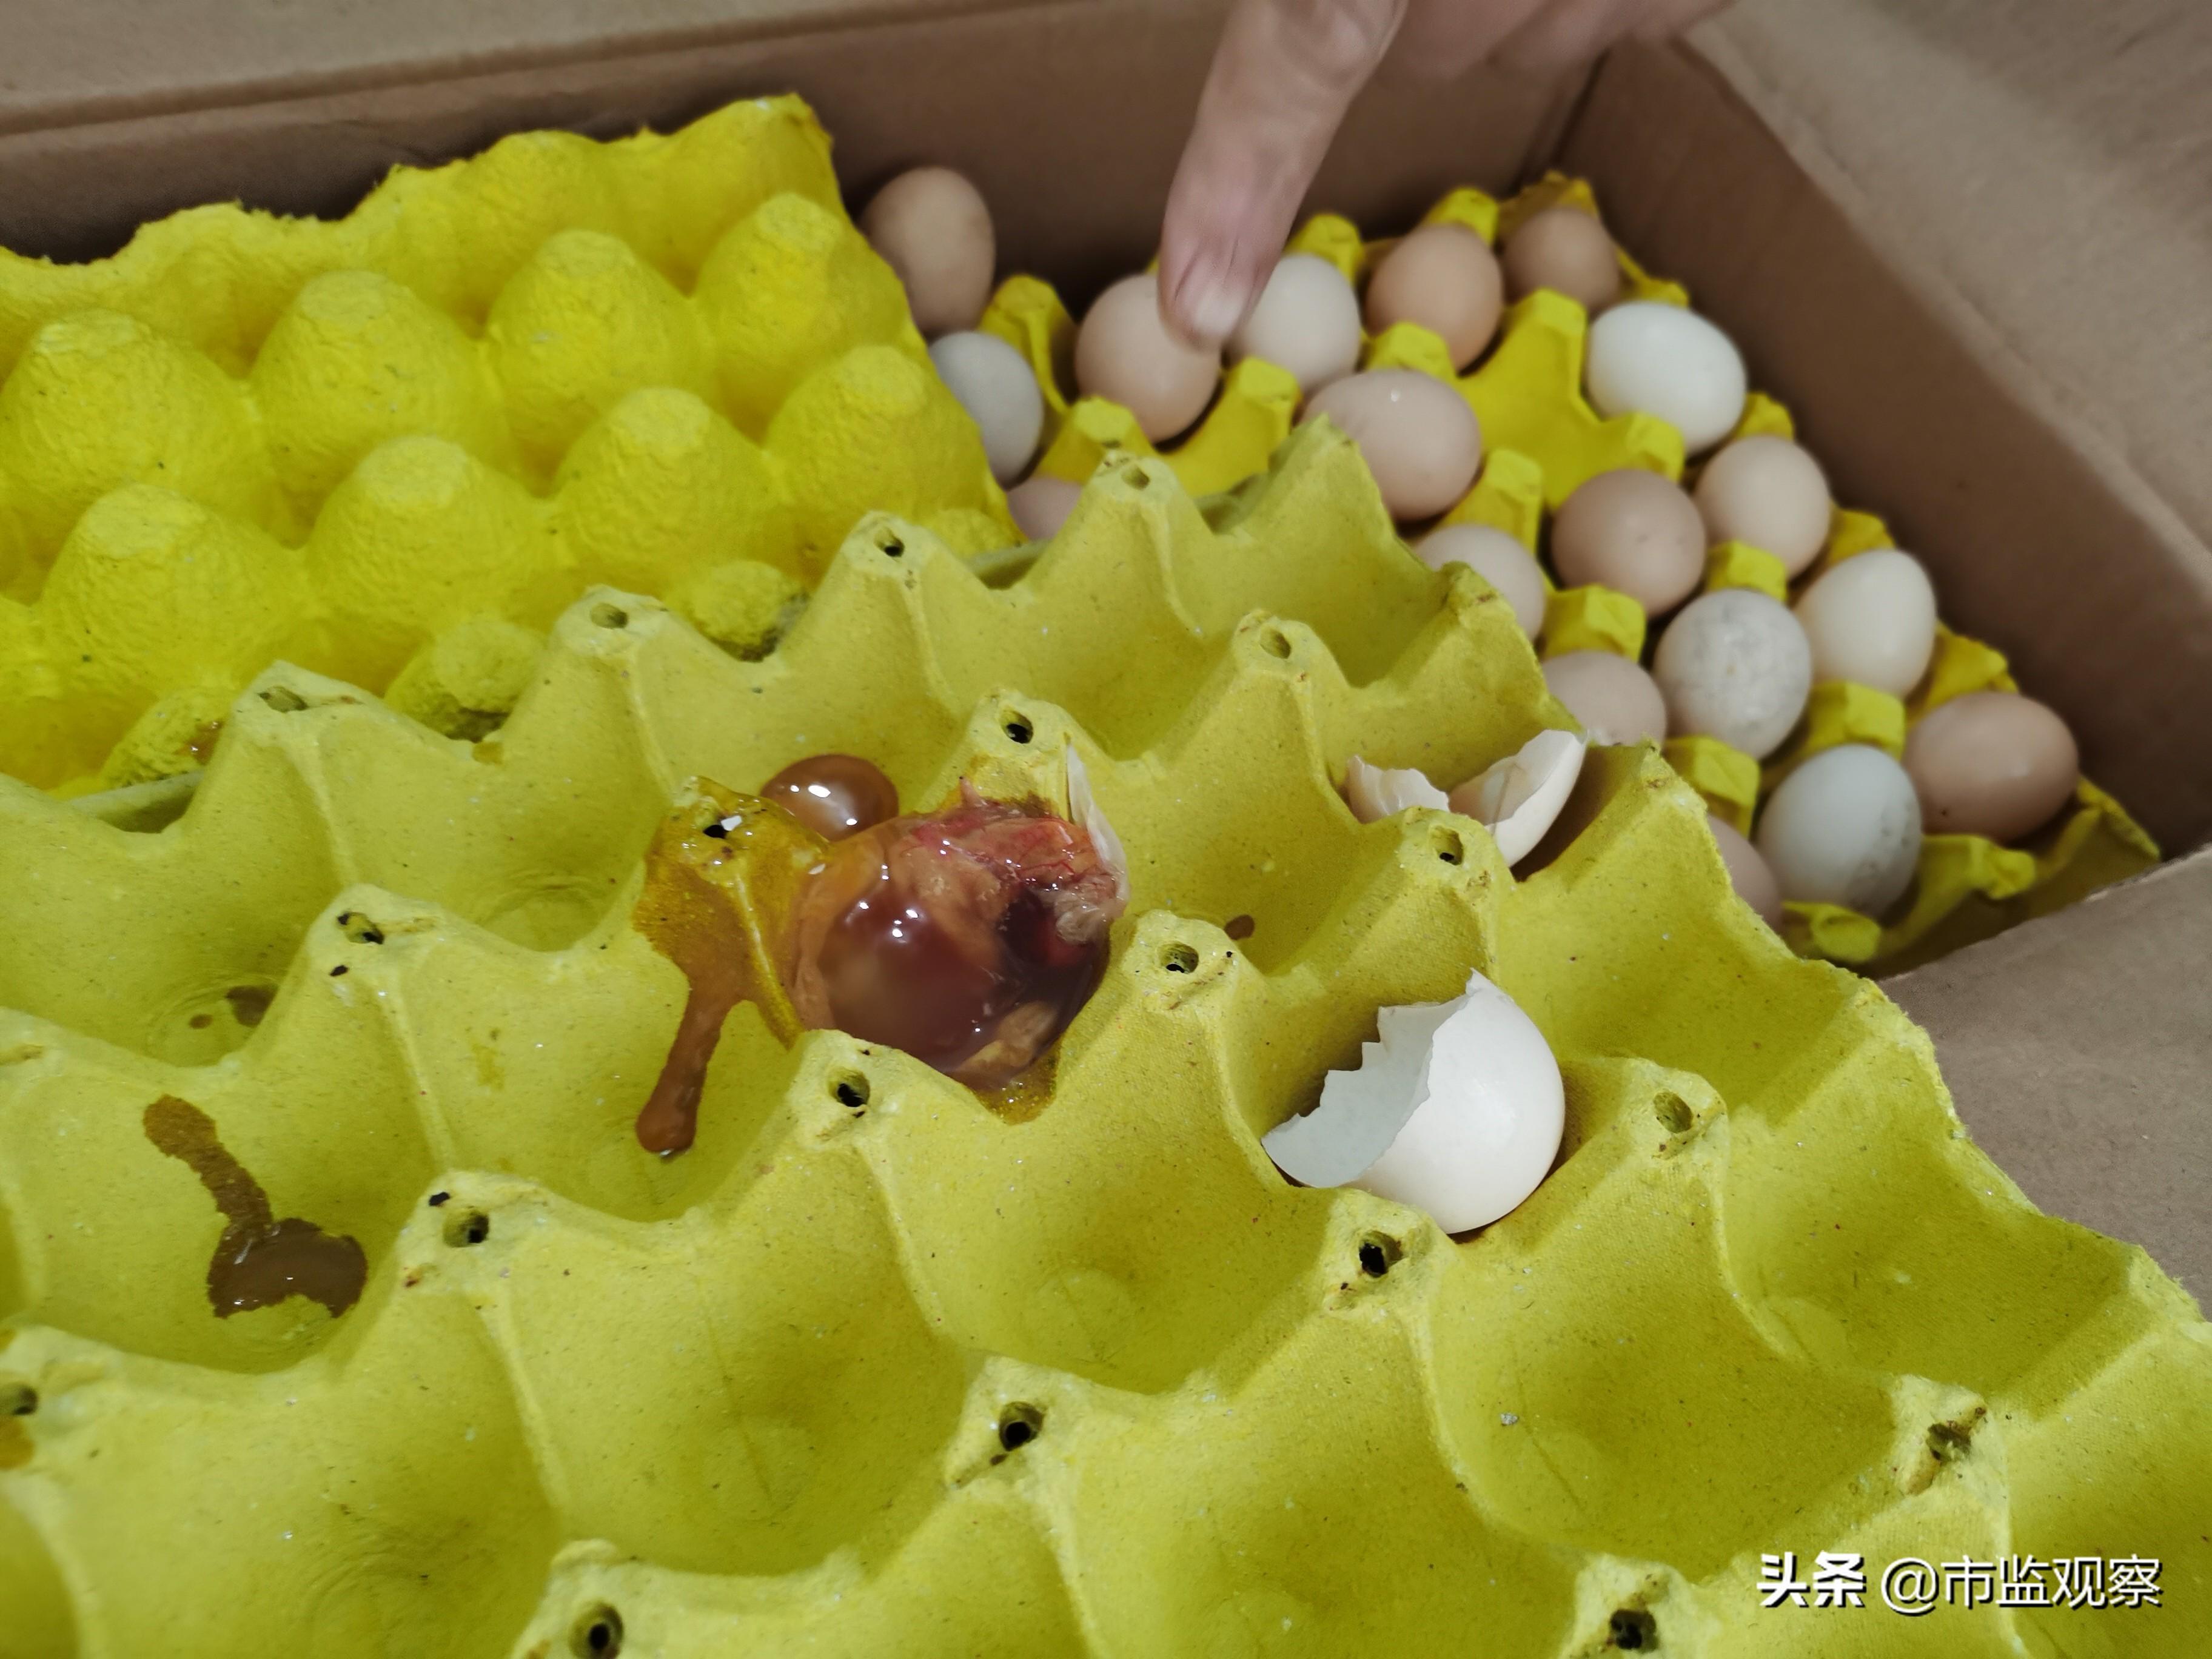 铁拳行动 绵阳市涪城区市场监管局整治食品生产企业乱象